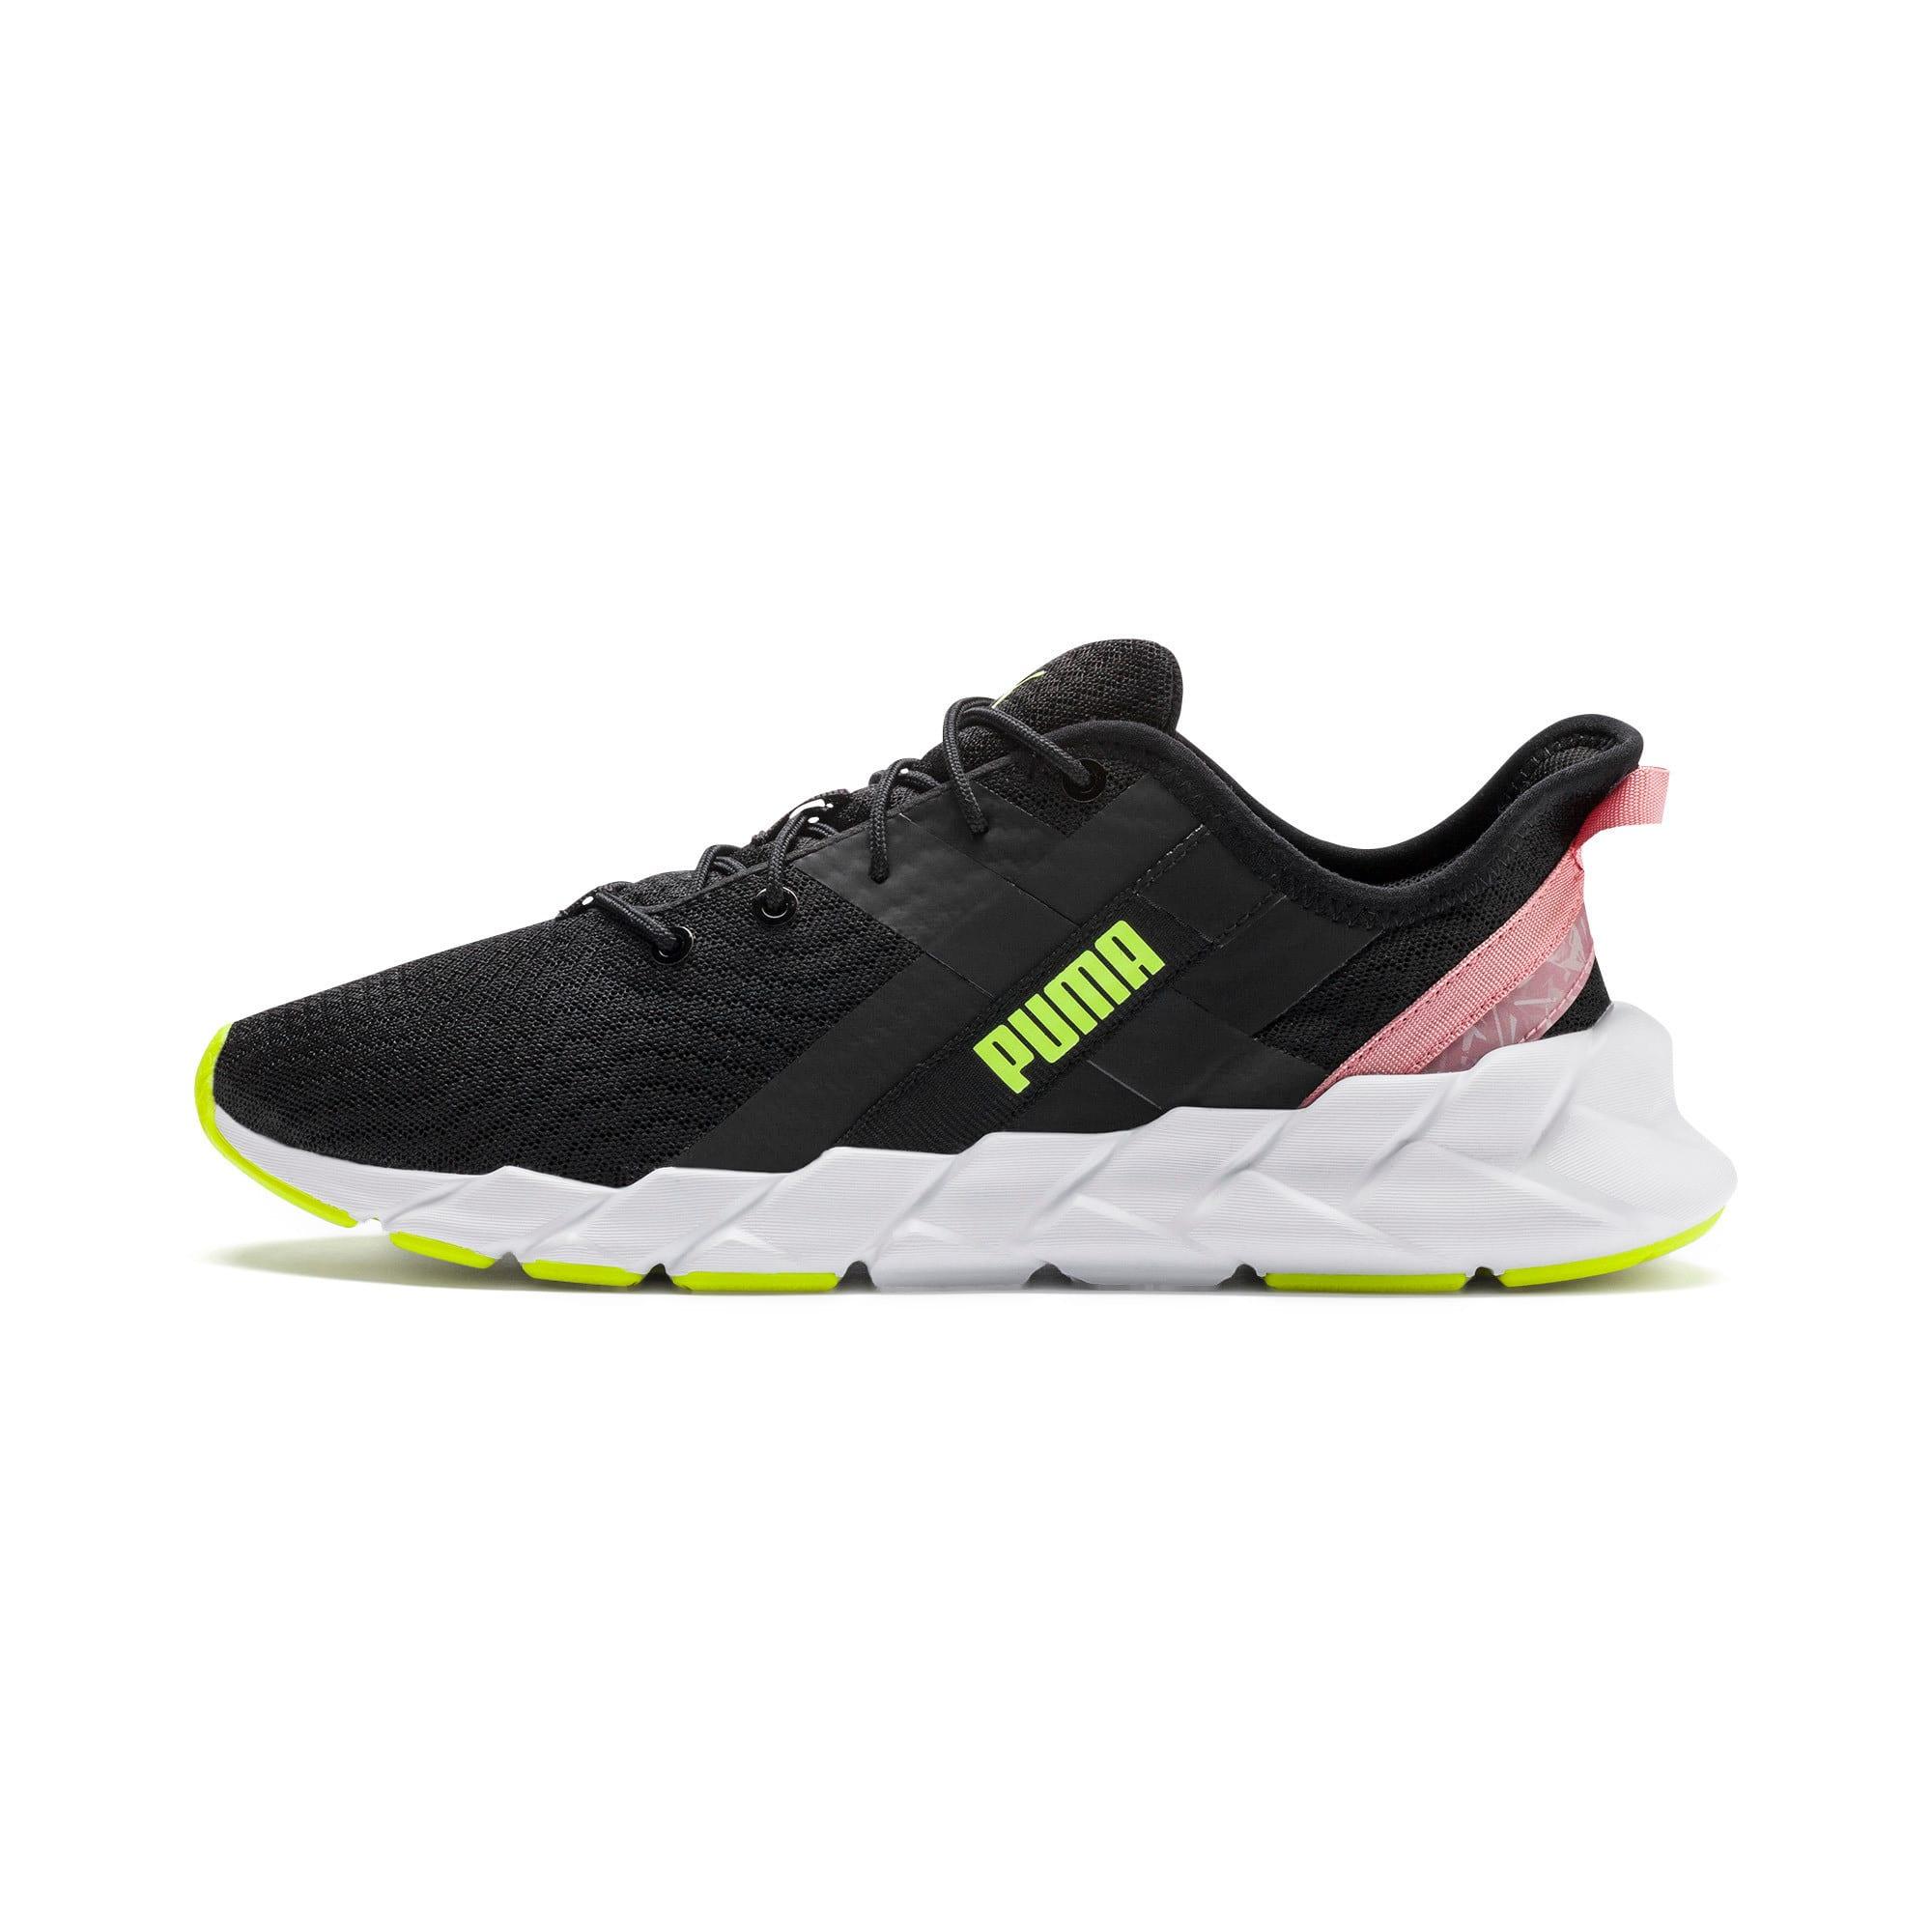 puma cross training shoes women's